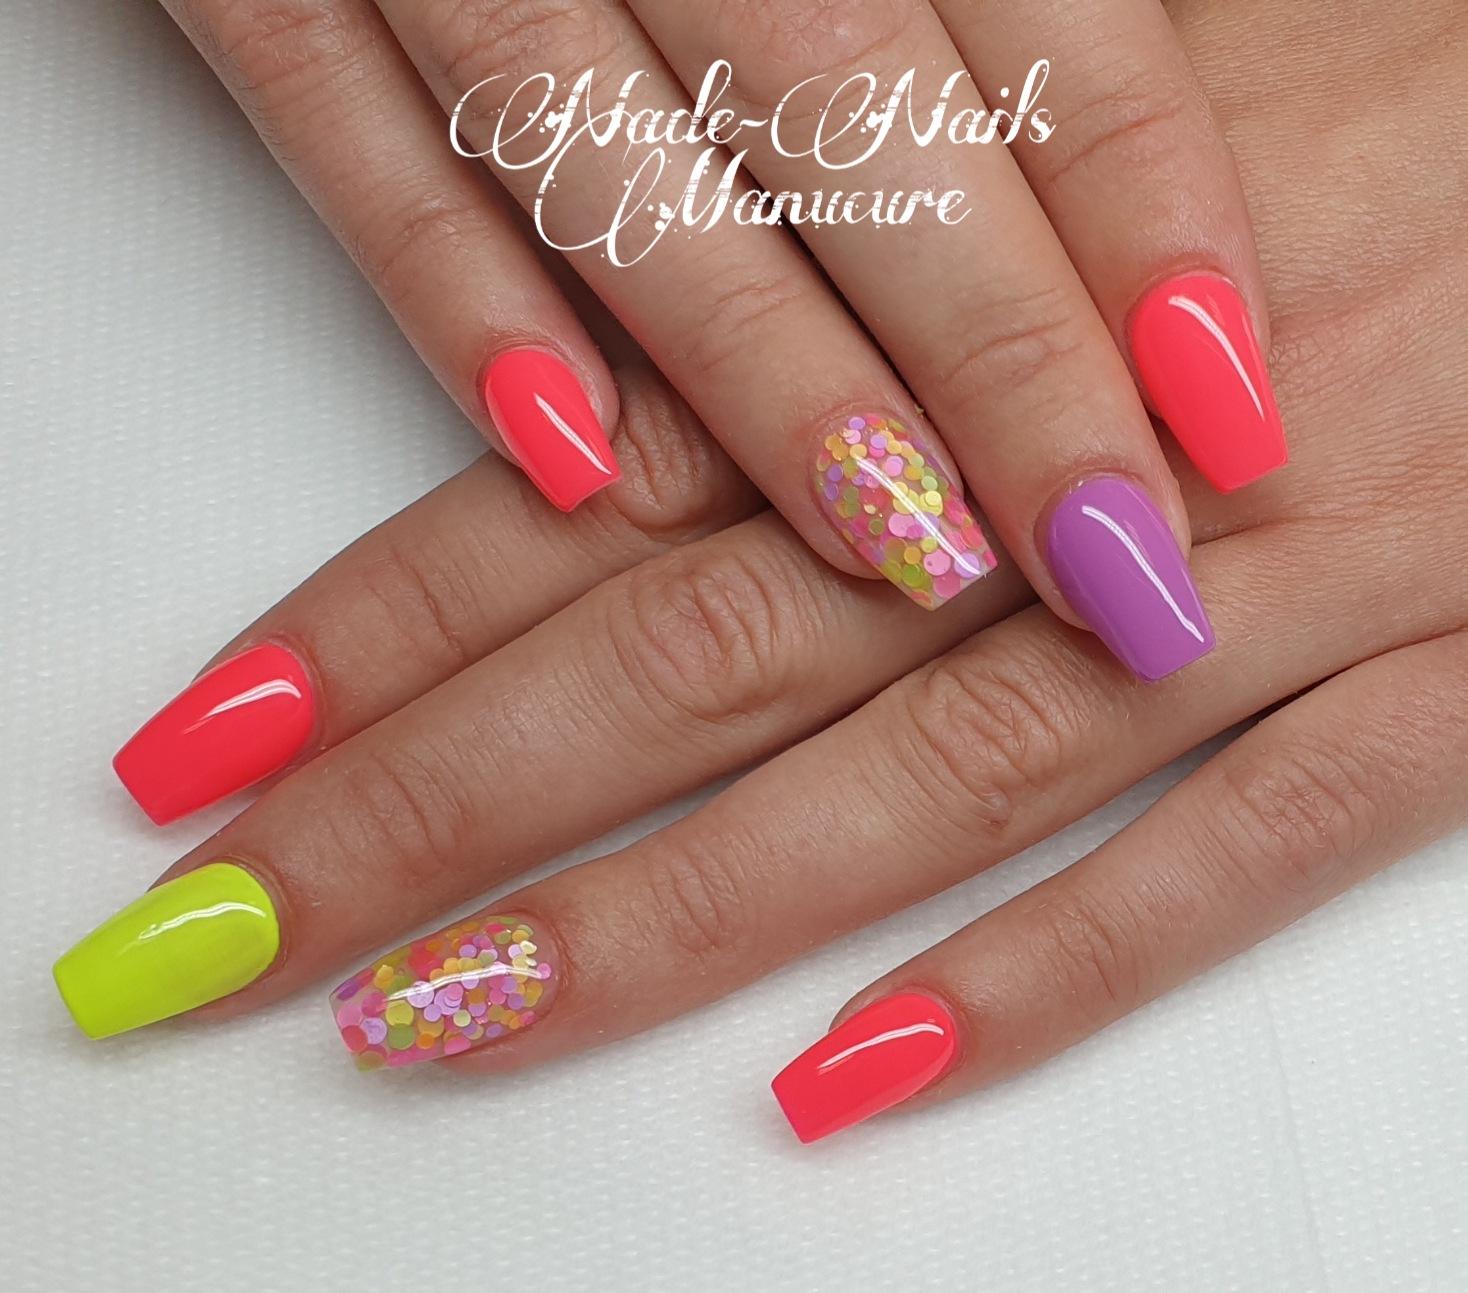 Nade-Nails